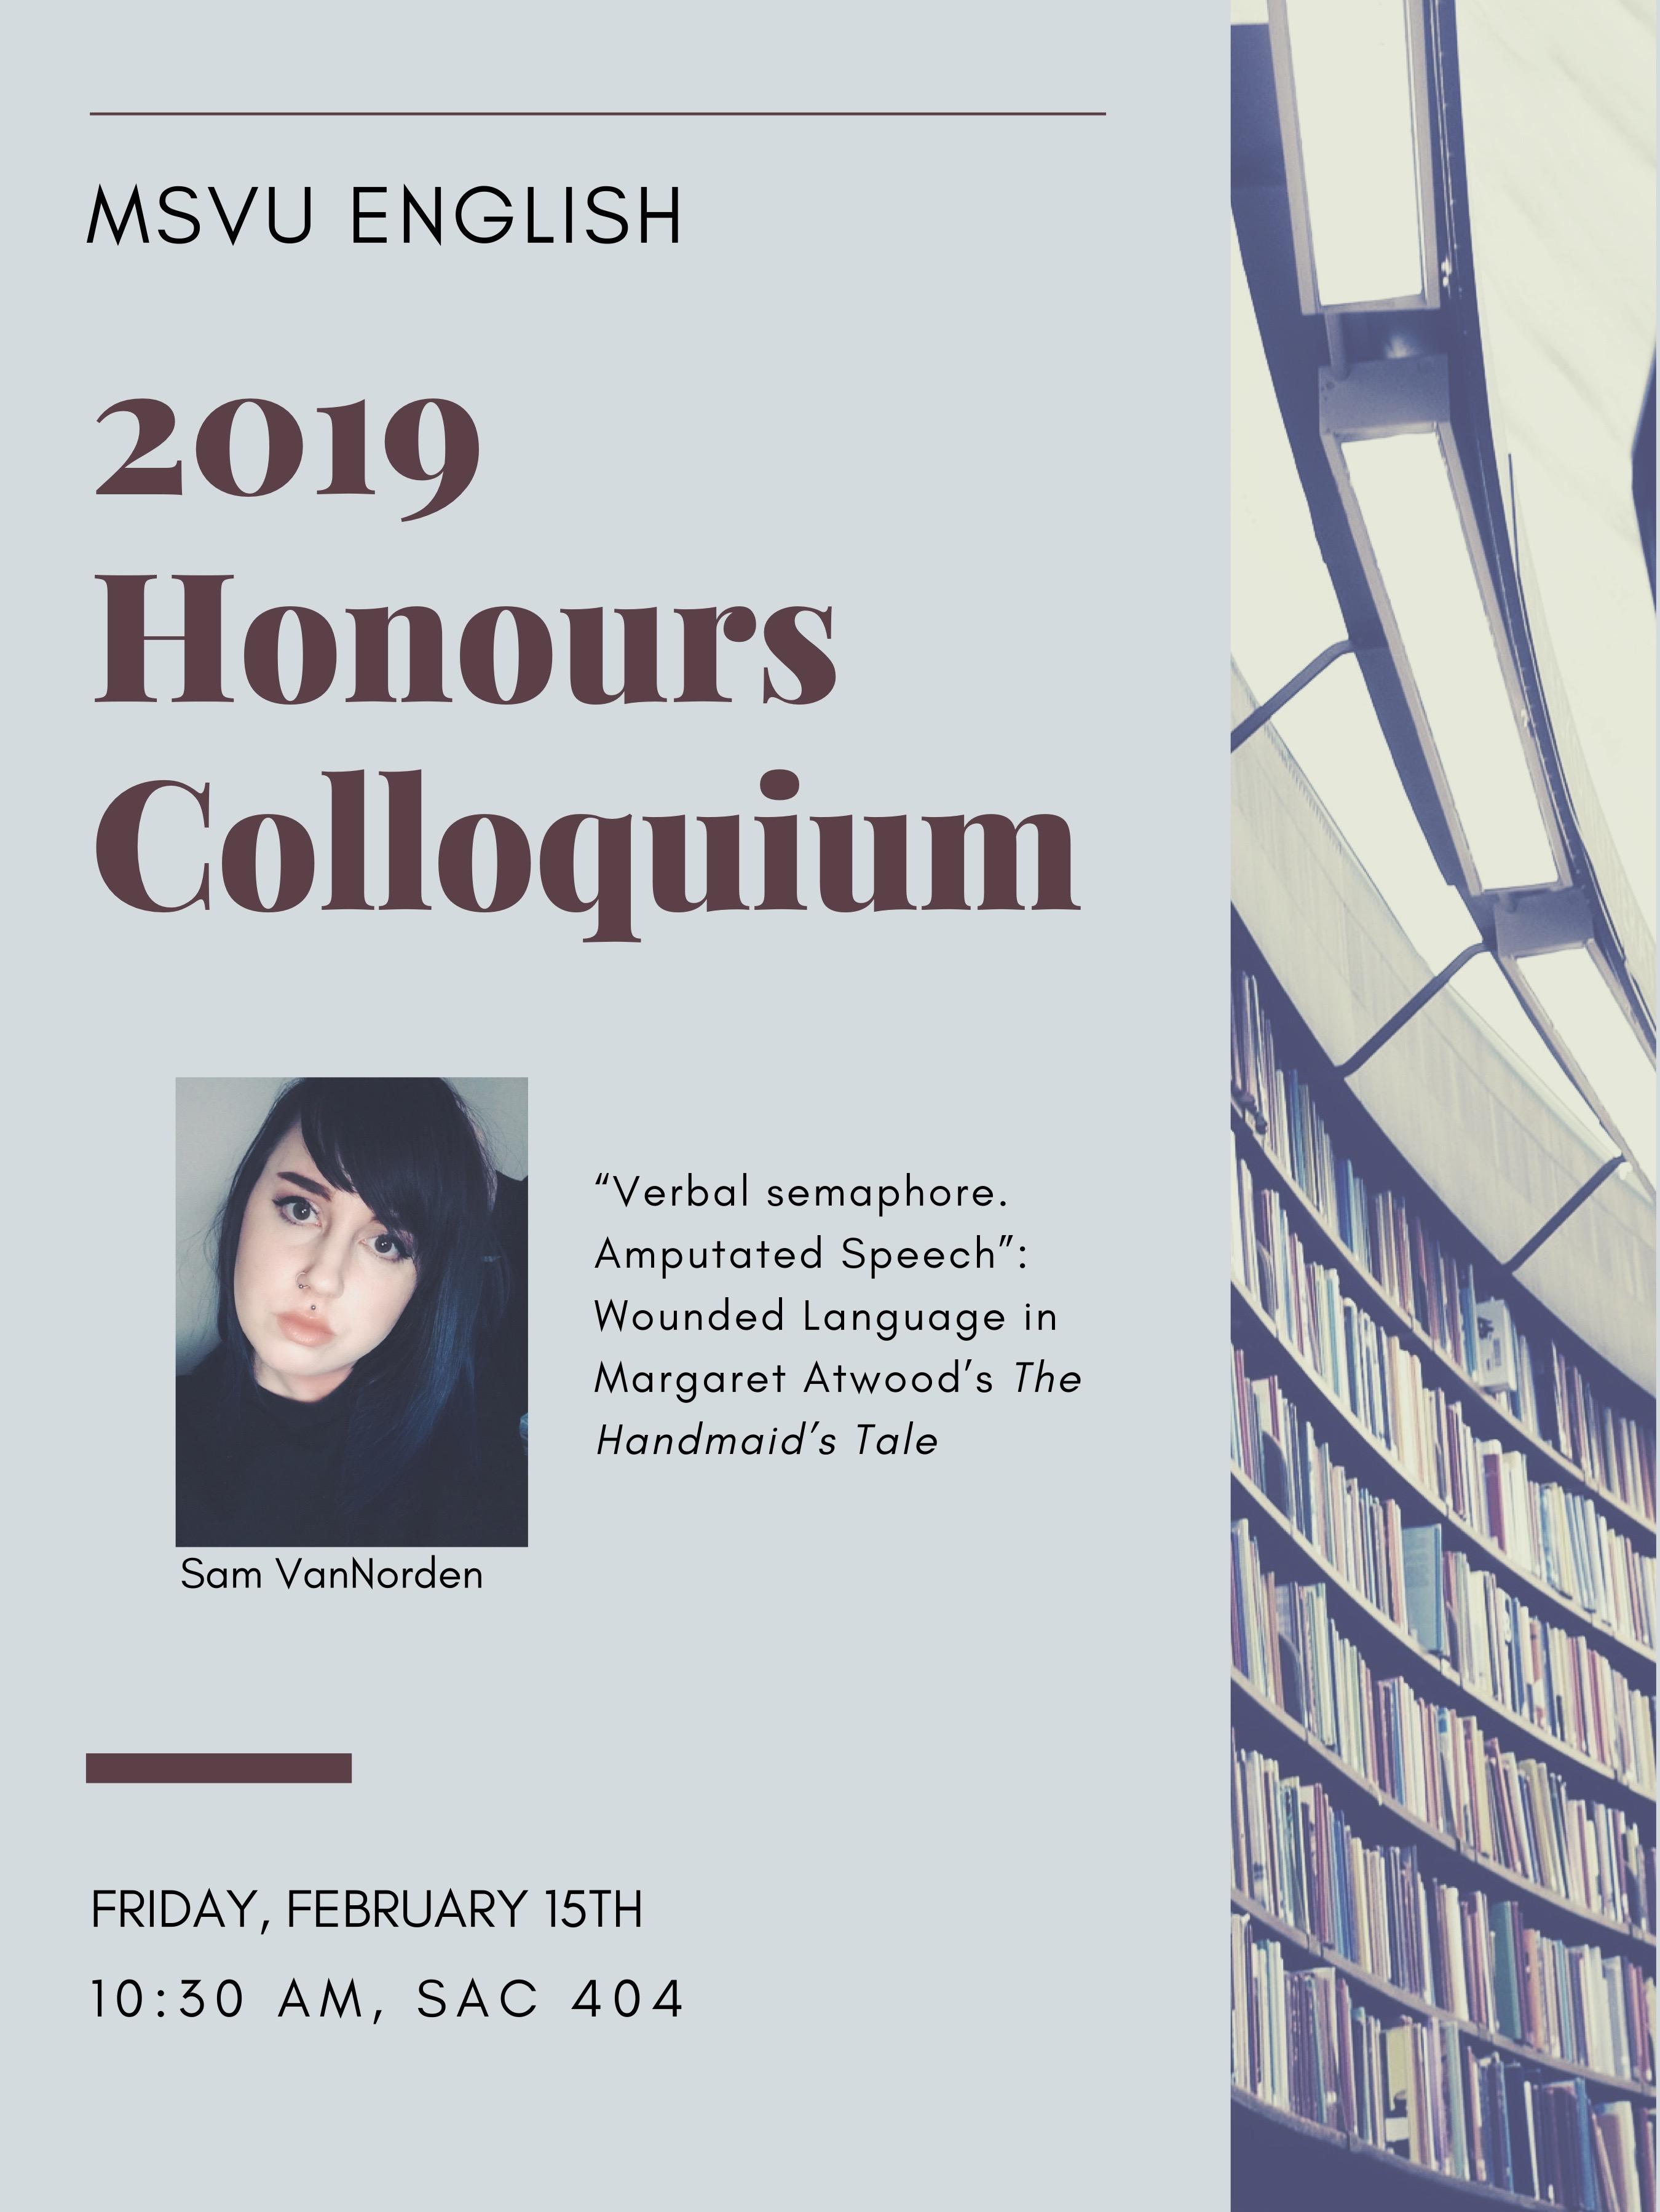 2019 Honours Colloquium Sam VanNorden